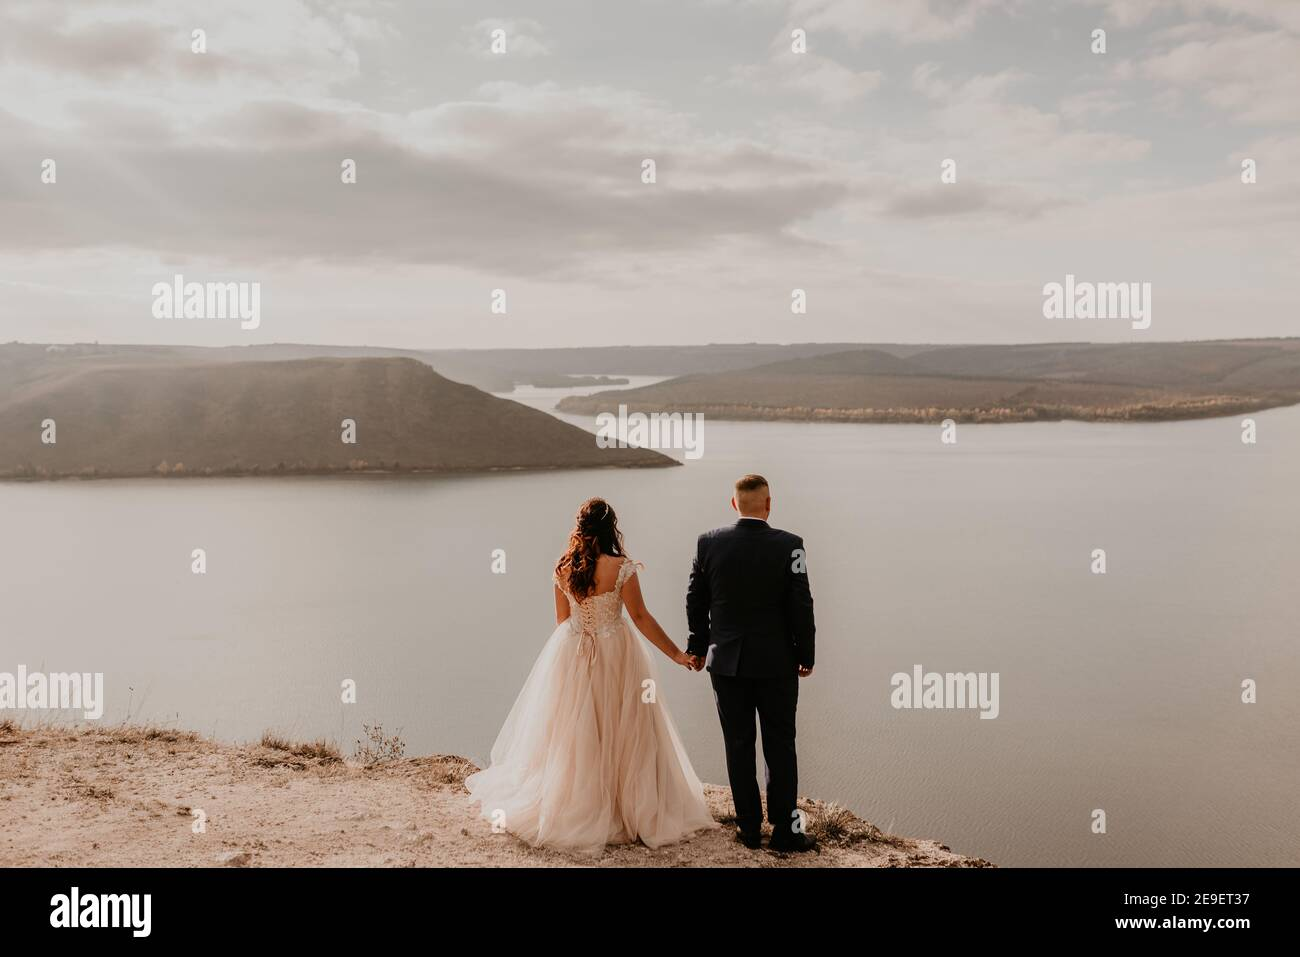 Liebevolles Paar Hochzeit Brautpaar in weißem Kleid und Anzug Spaziergang im Sommer auf dem Berg über dem Fluss. Sonnenuntergang und Sonnenaufgang. Mann und Frau auf Felsen über der Klippe Stockfoto